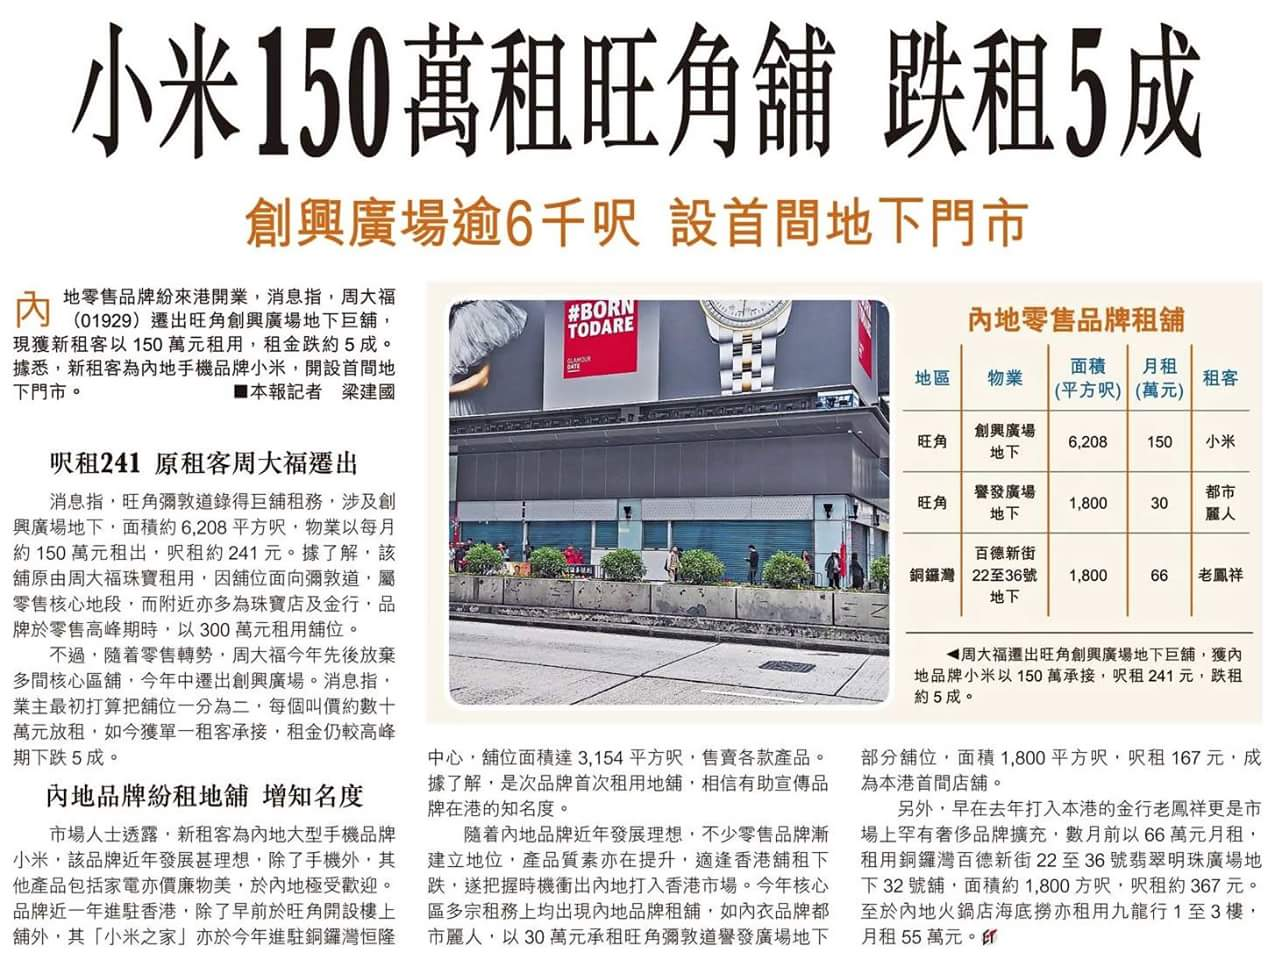 小米租下旺角商铺 首家香港地下门店将开业